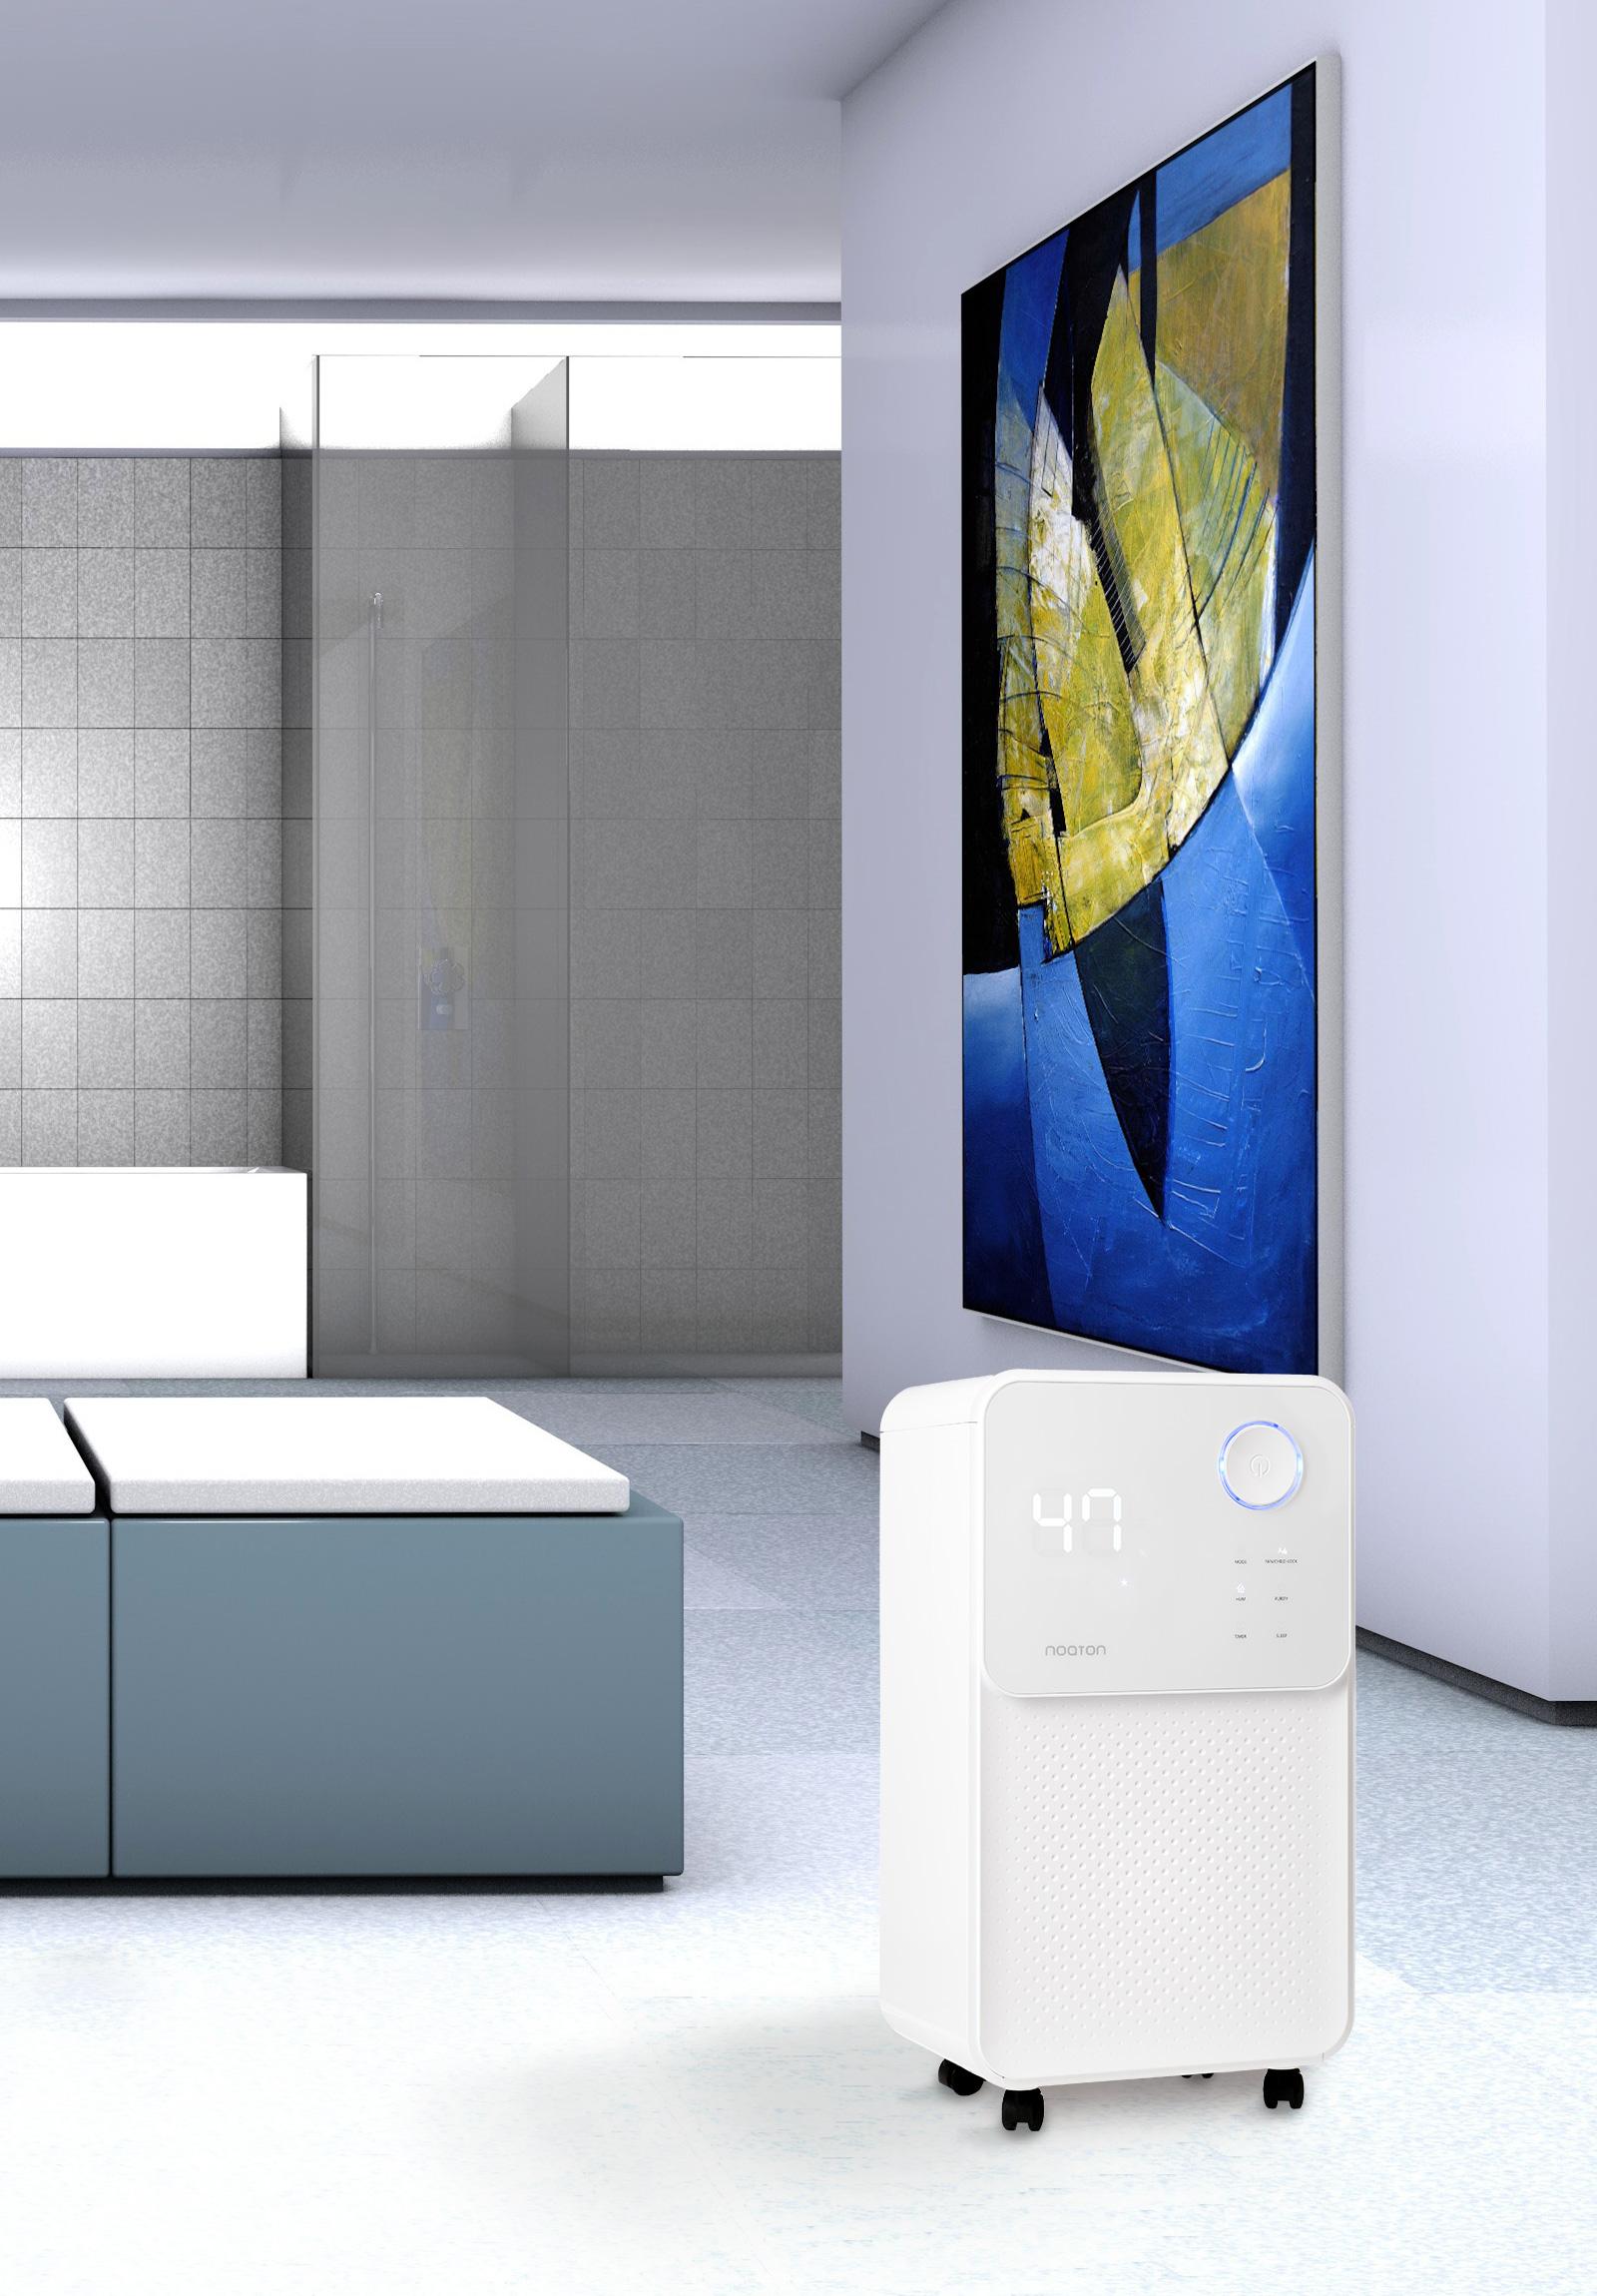 Luftentfeuchter & Luftreiniger Noaton DF 4114 - im Badezimmer